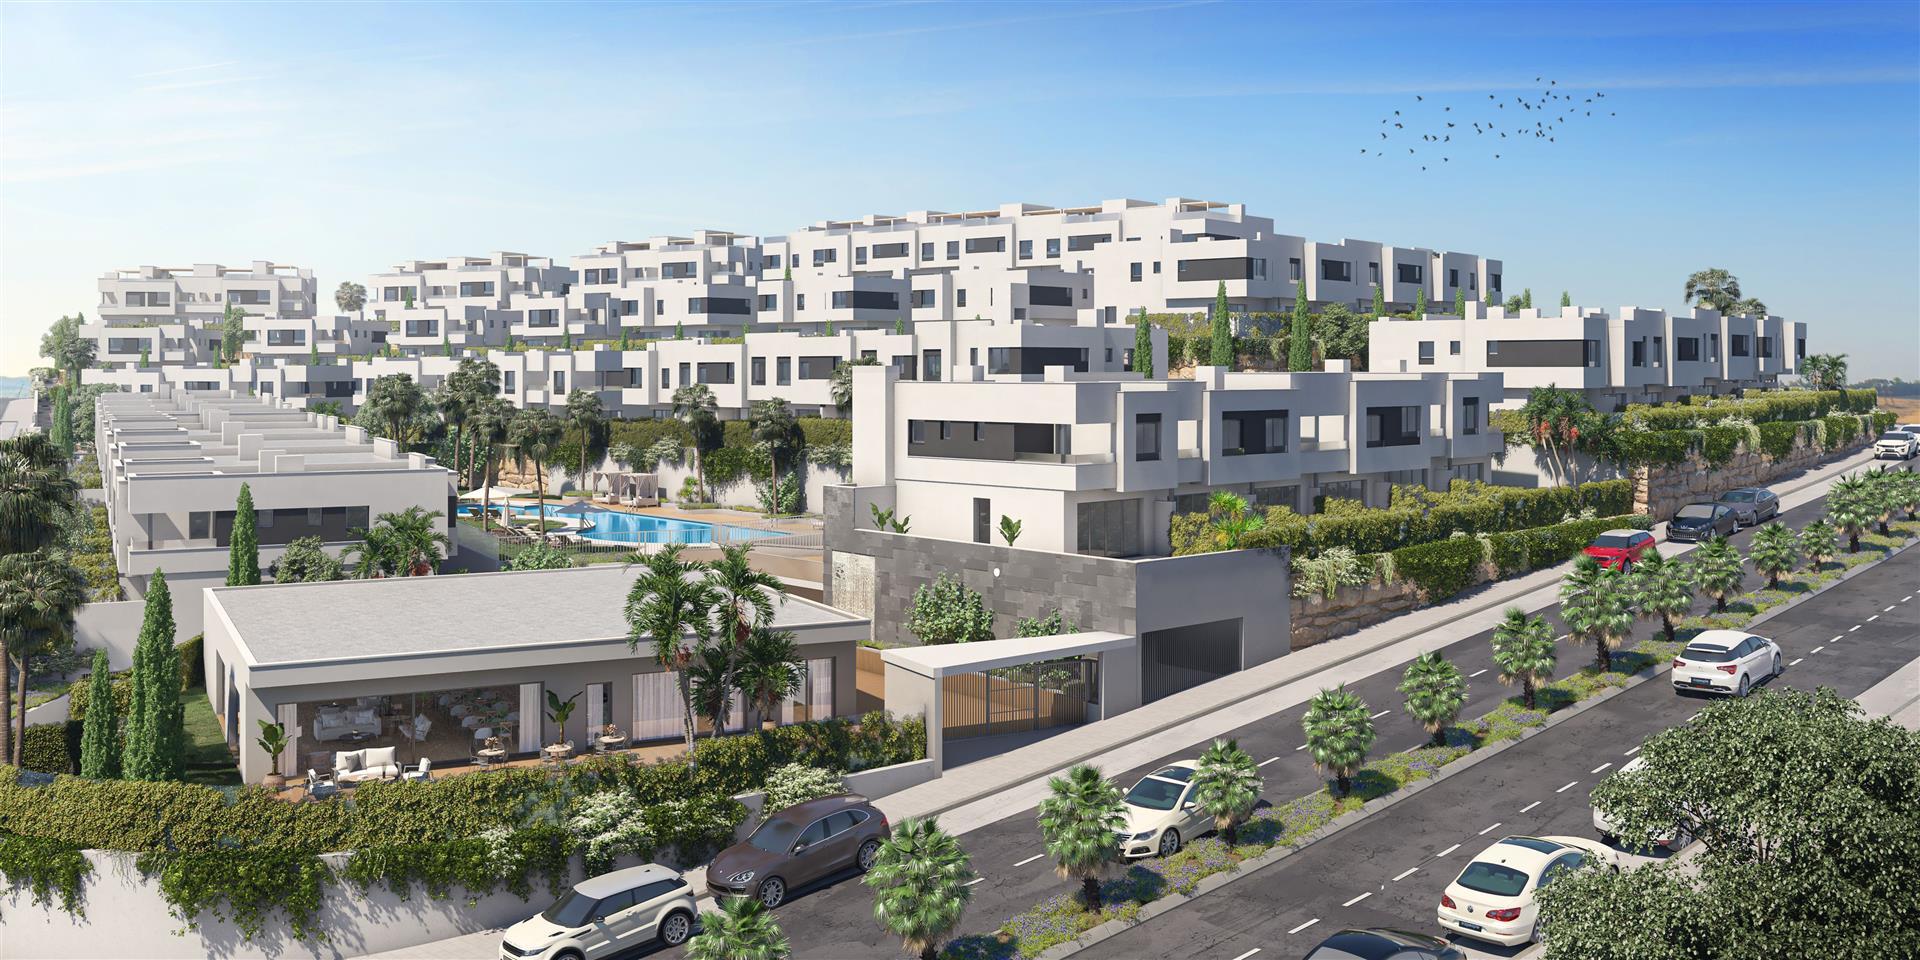 Maisons de ville en vente à La Cala de Mijas MCO5763484